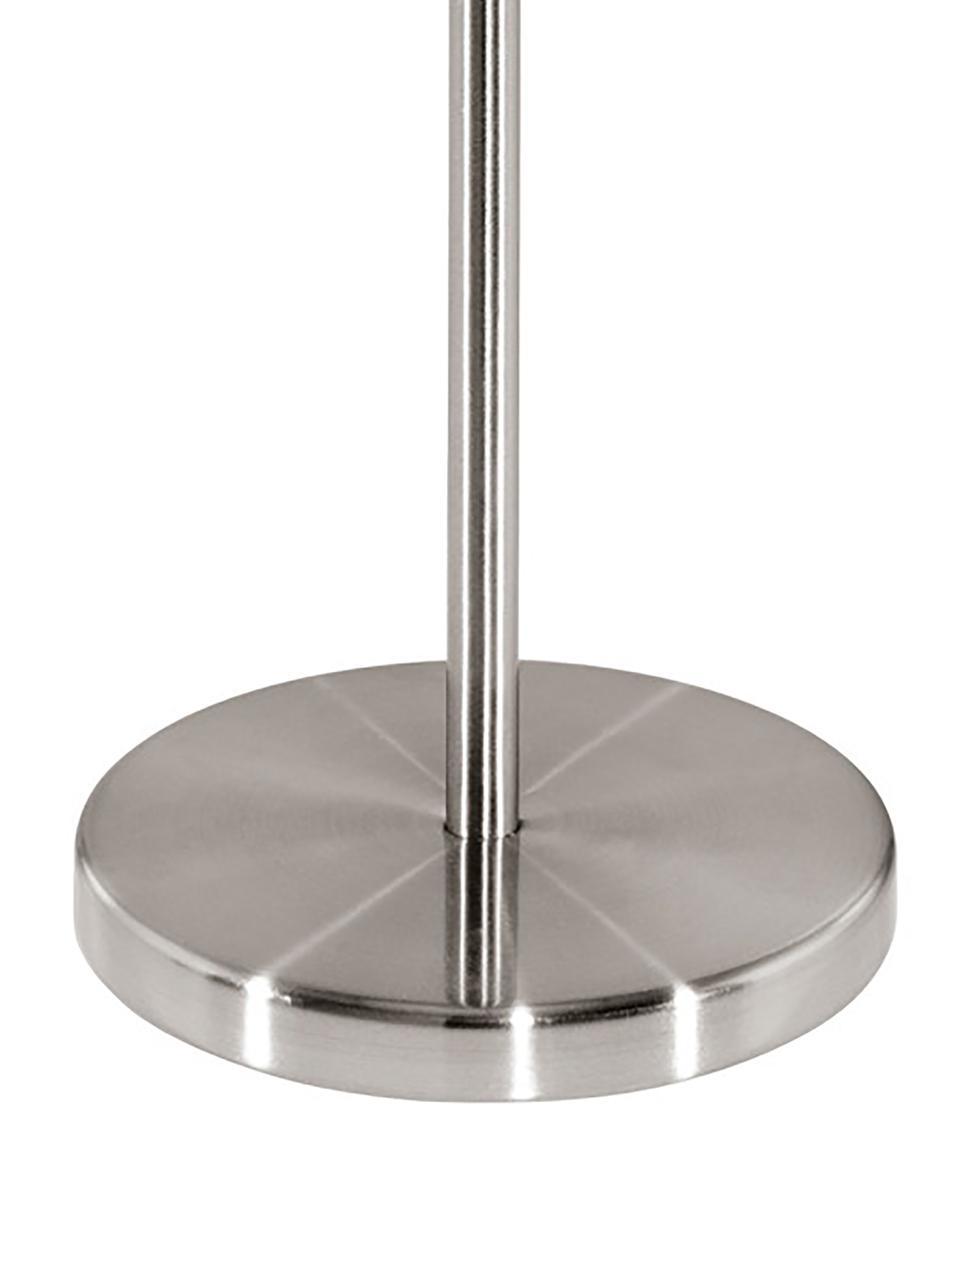 Tischlampe Jamie mit Gold, Lampenfuß: Metall, vernickelt, Grau-Beige,Silberfarben, Ø 23 x H 42 cm